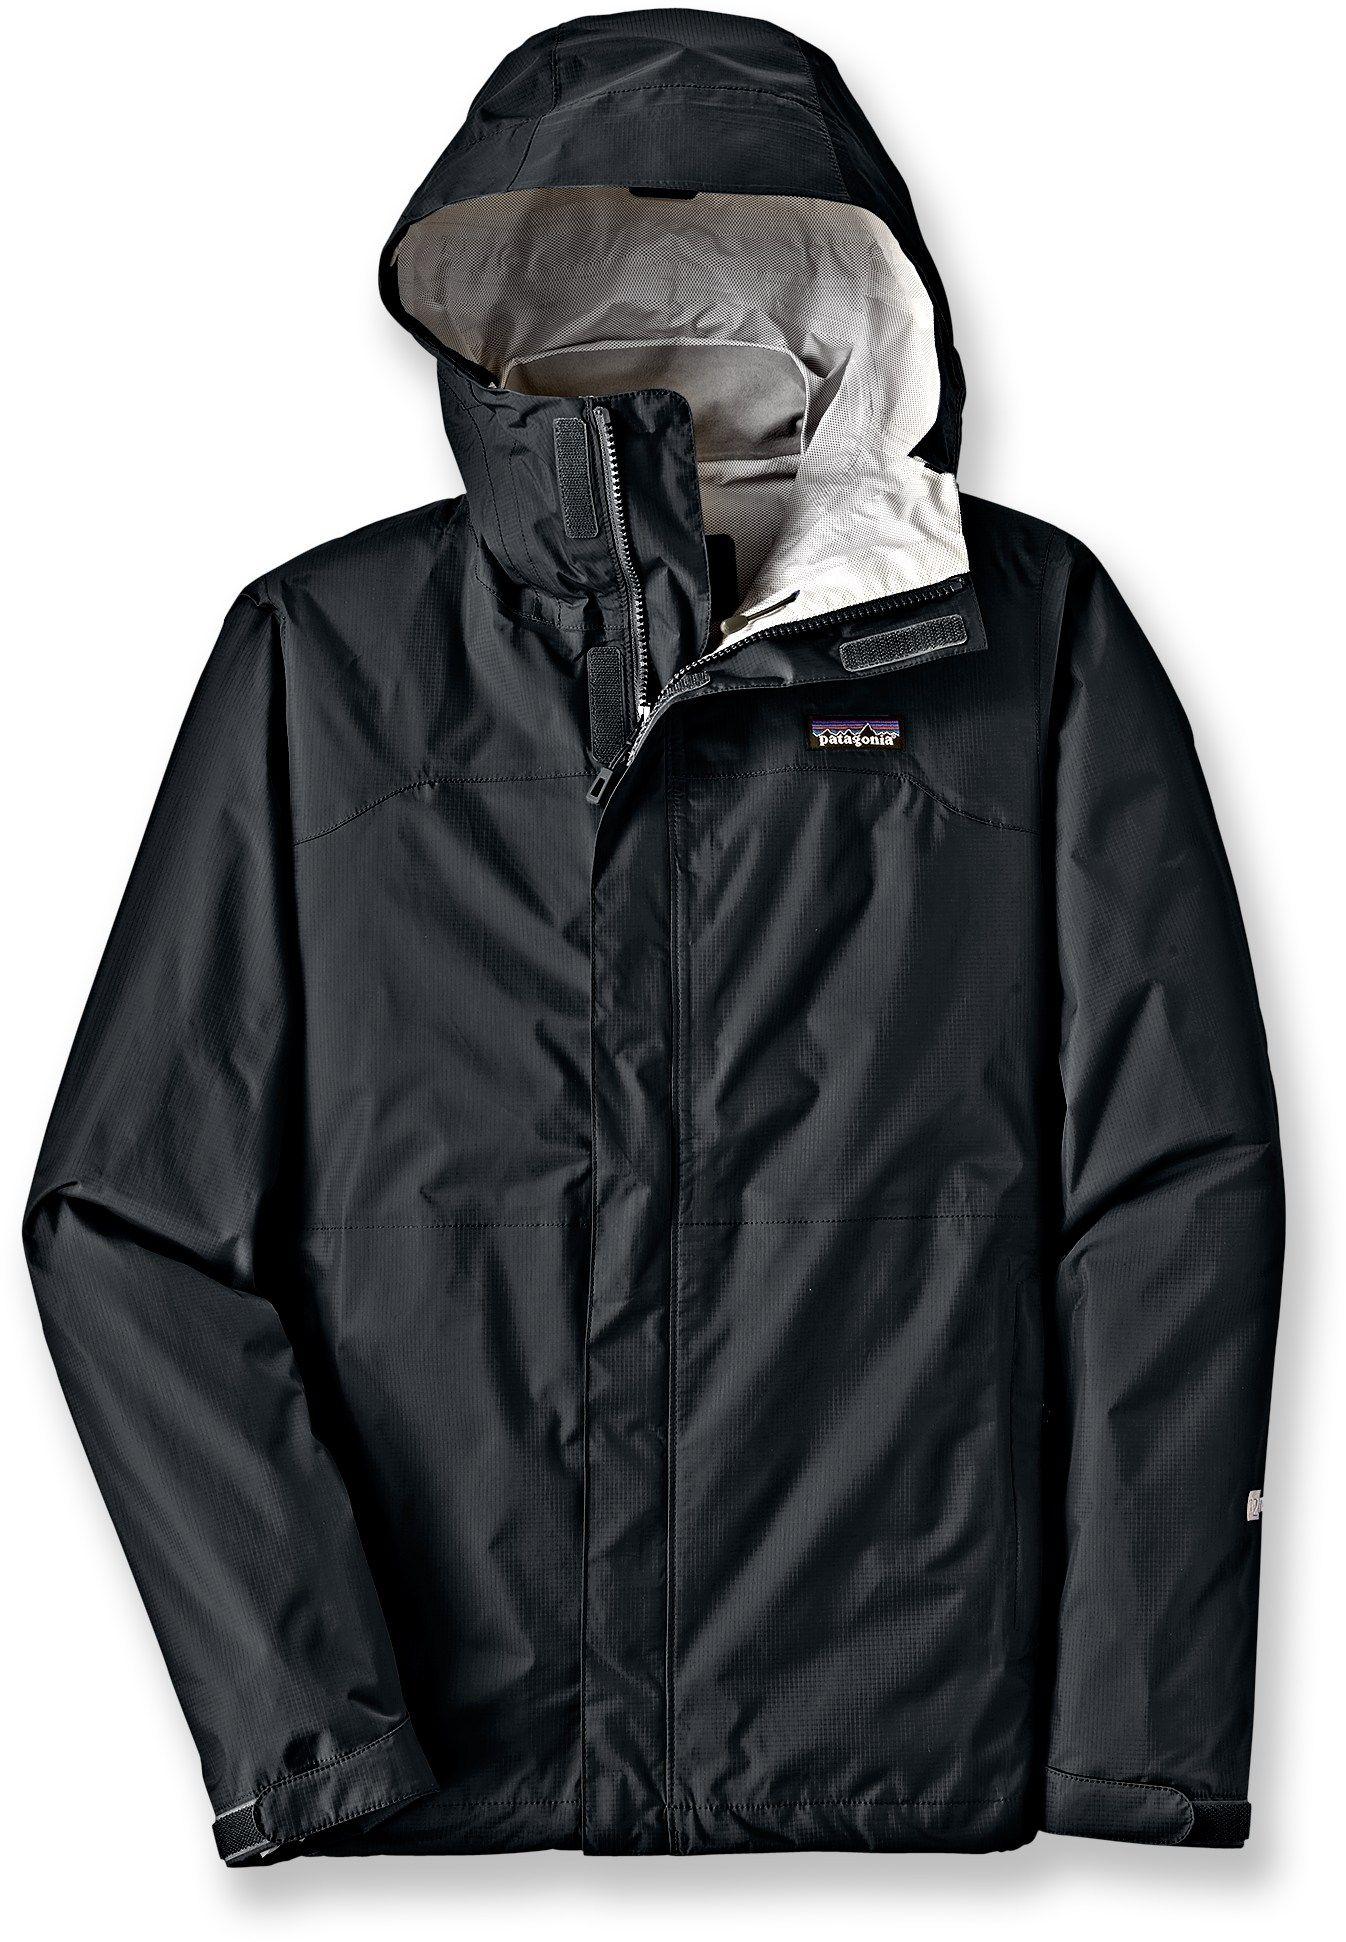 b97e7c94e Patagonia Torrentshell Jacket - Women's | REI Co-op | Outdoor FUN ...